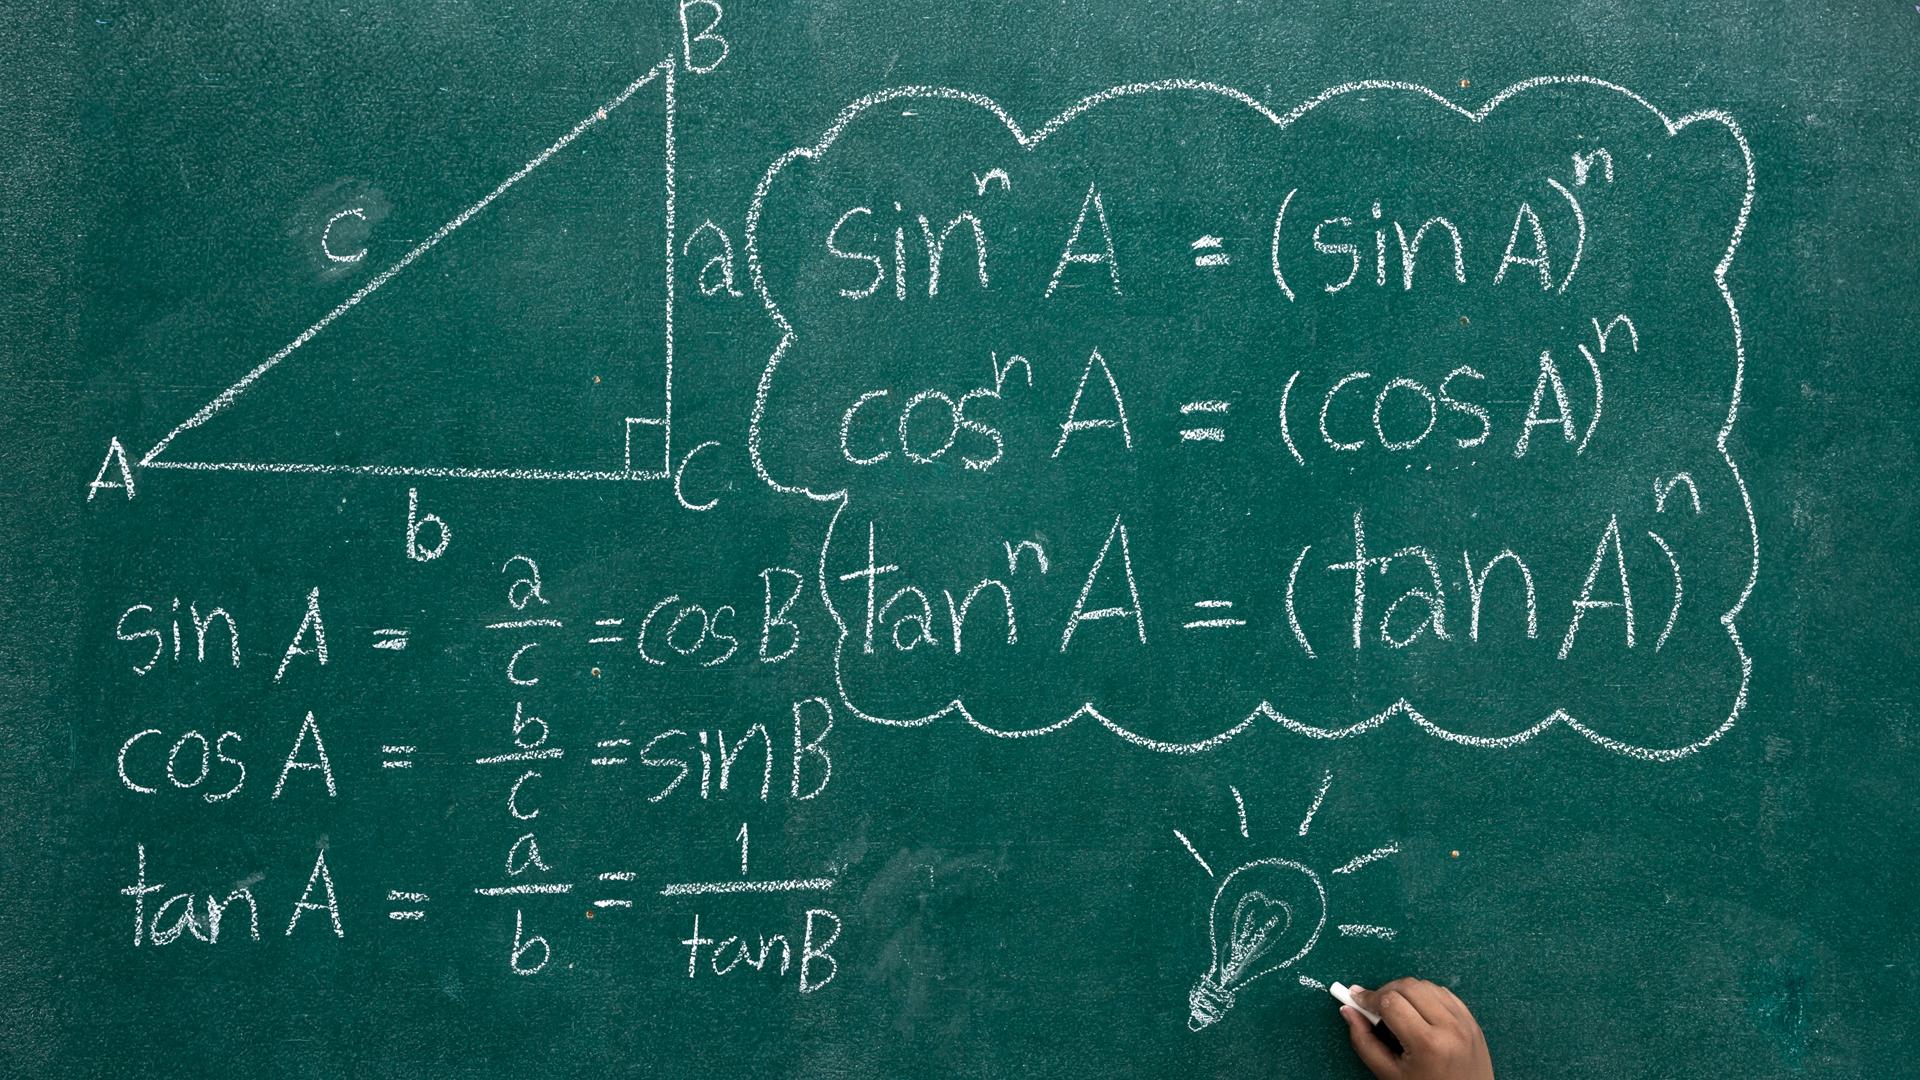 Además de comprensión, la matemática requiere práctica repetitiva, aunque la enseñanza moderna no lo considere algo a privilegiar, argumentó Barbara Oakley. (iStock)